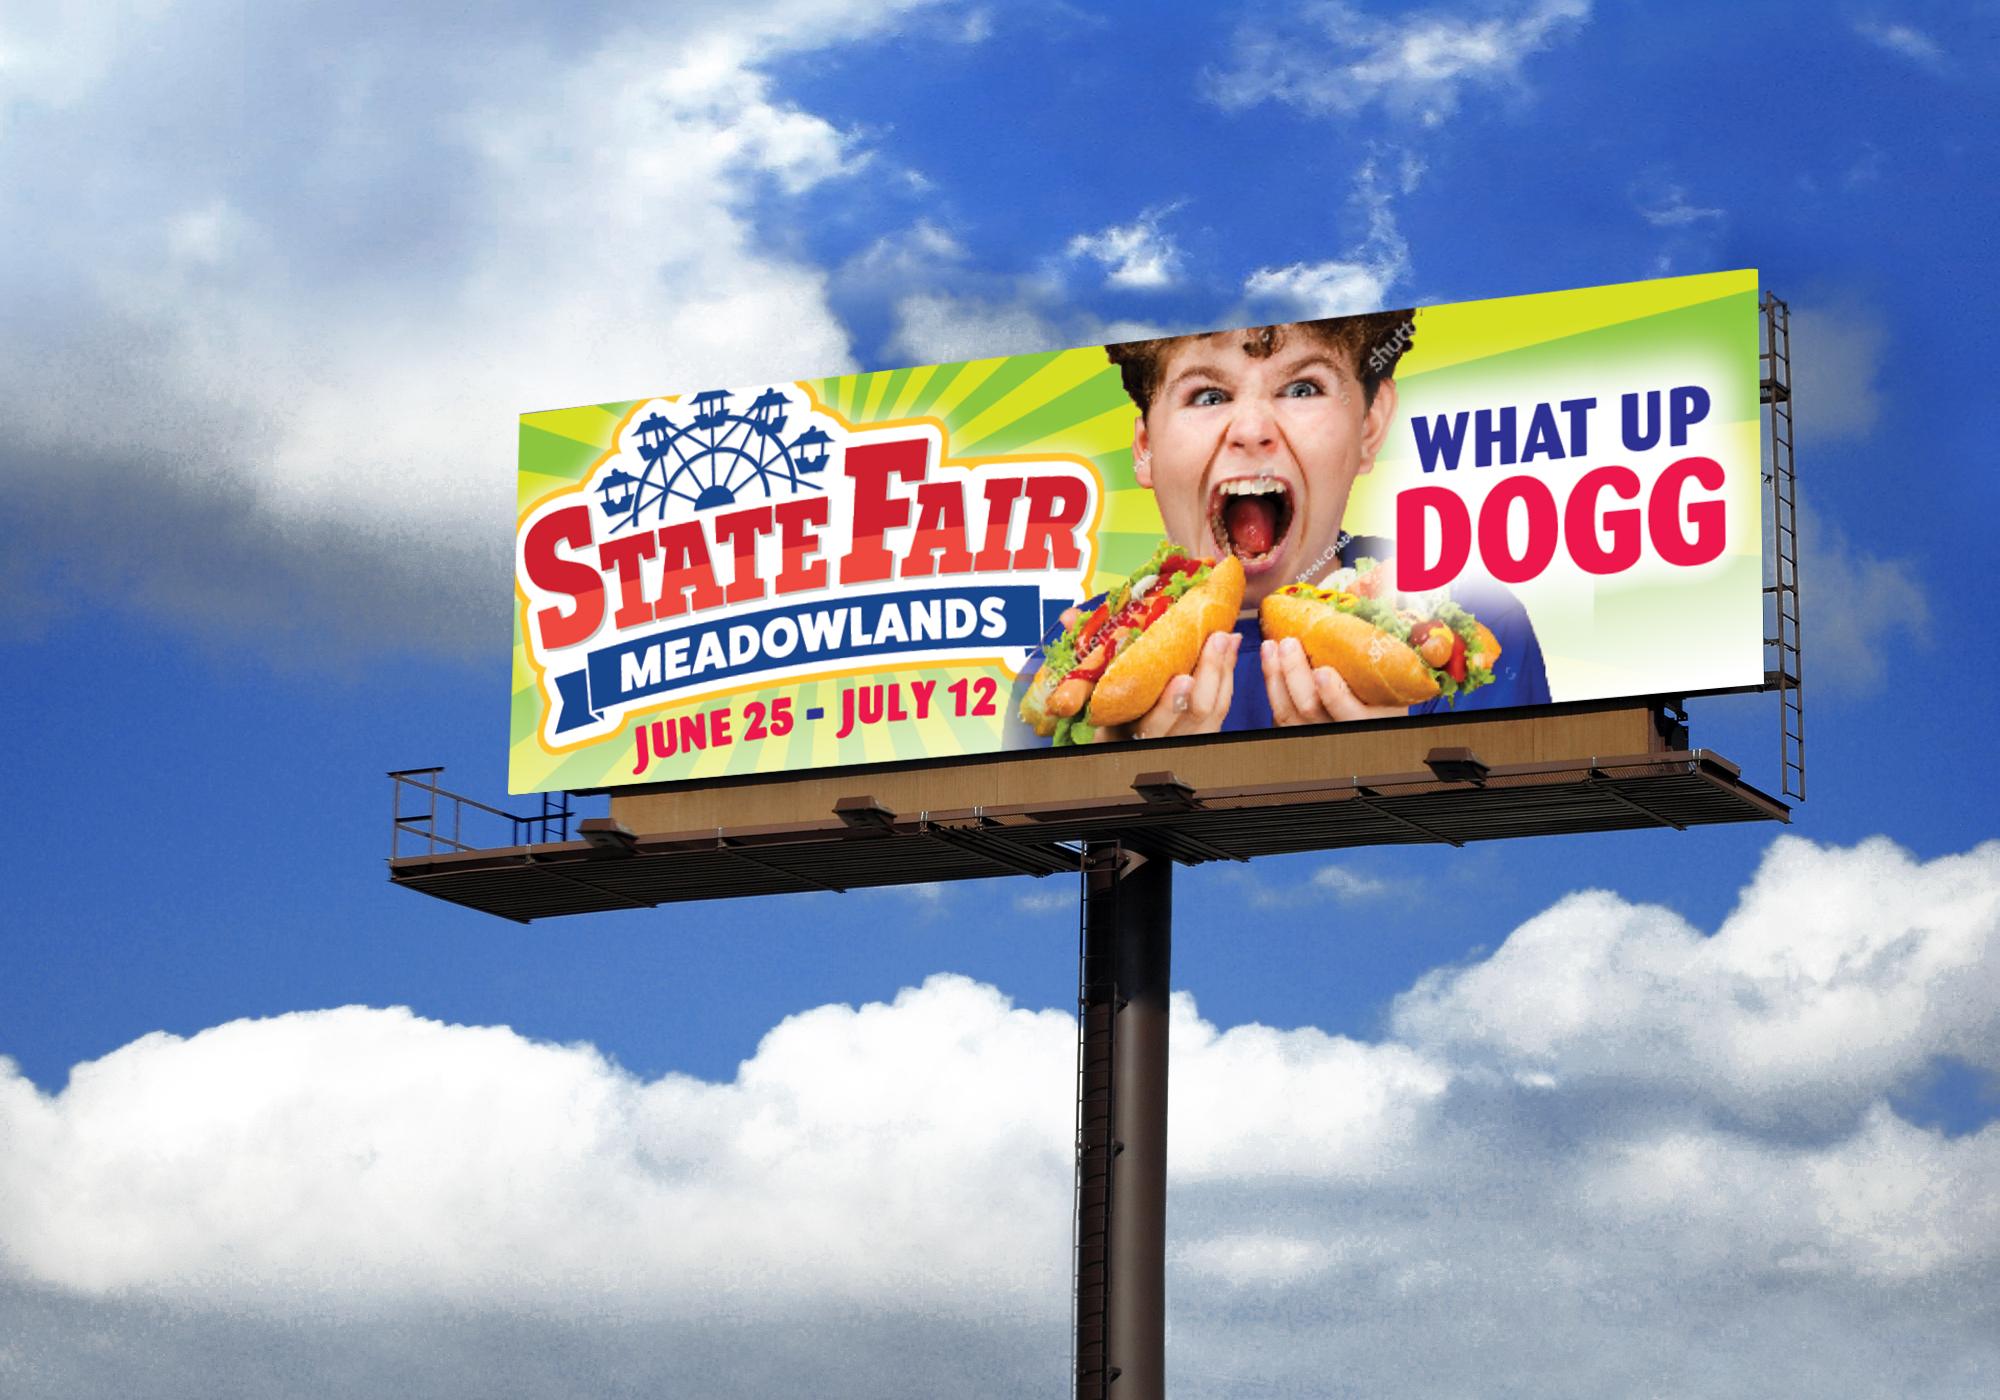 outdoor billboard advertisement